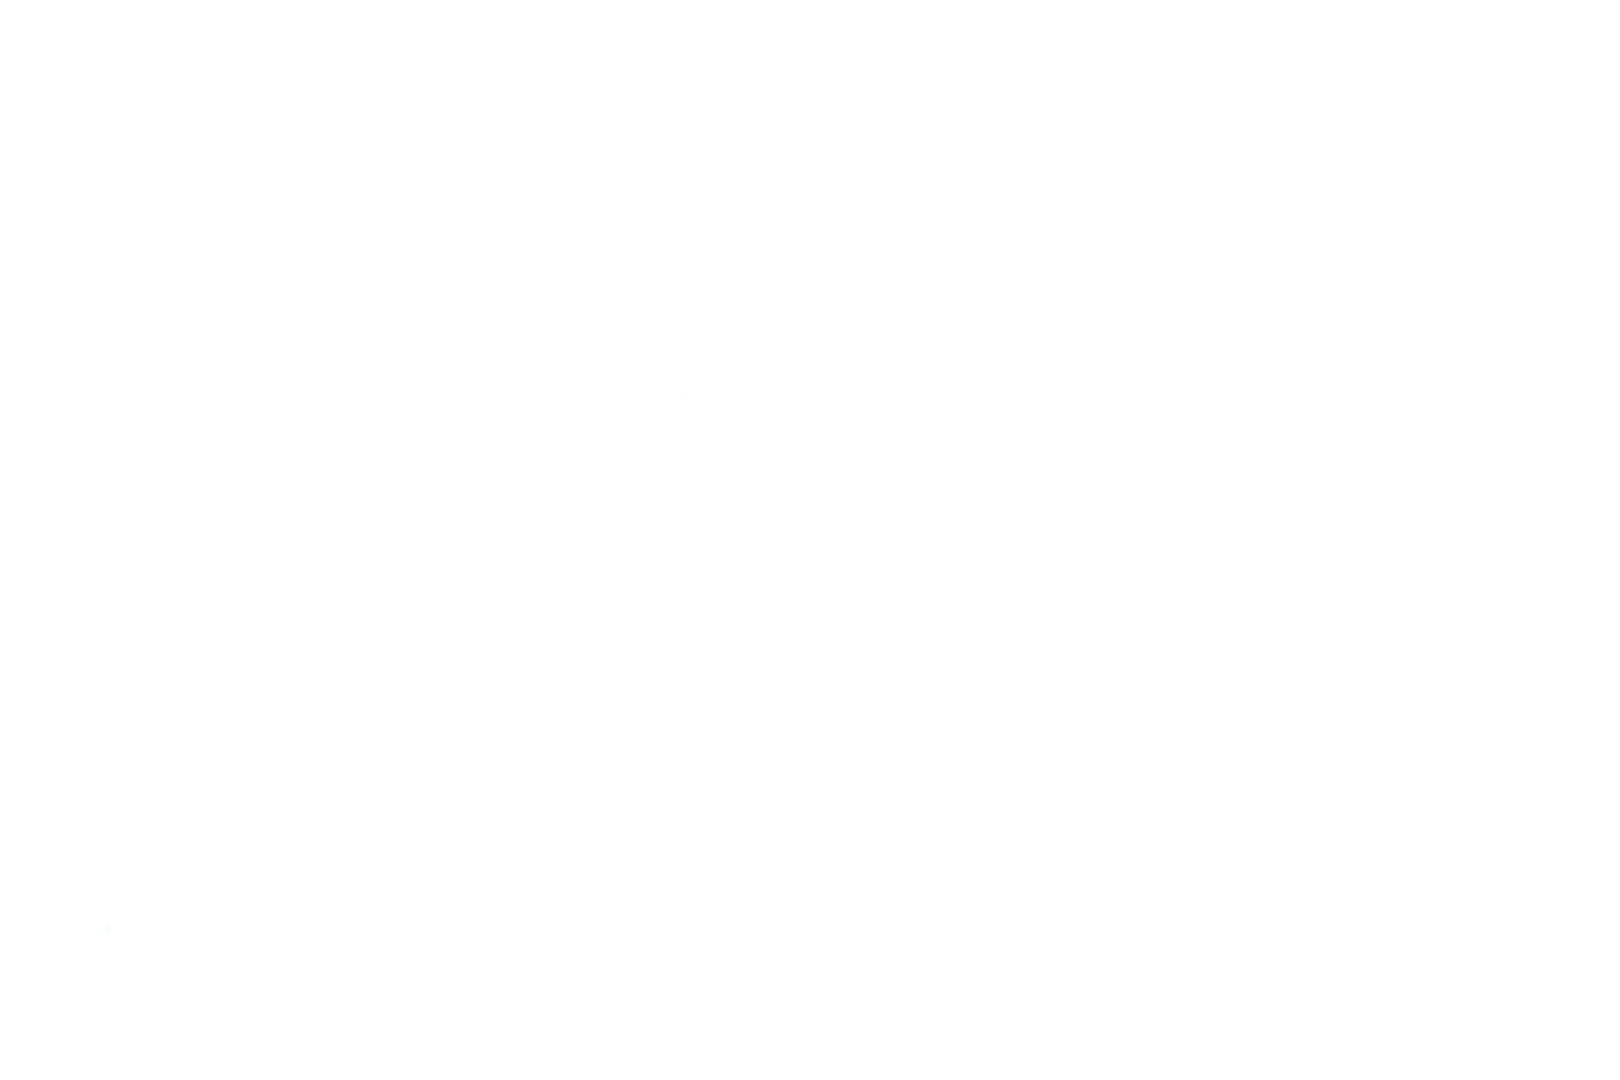 充血監督の深夜の運動会Vol.23 エッチなセックス オマンコ動画キャプチャ 88画像 43